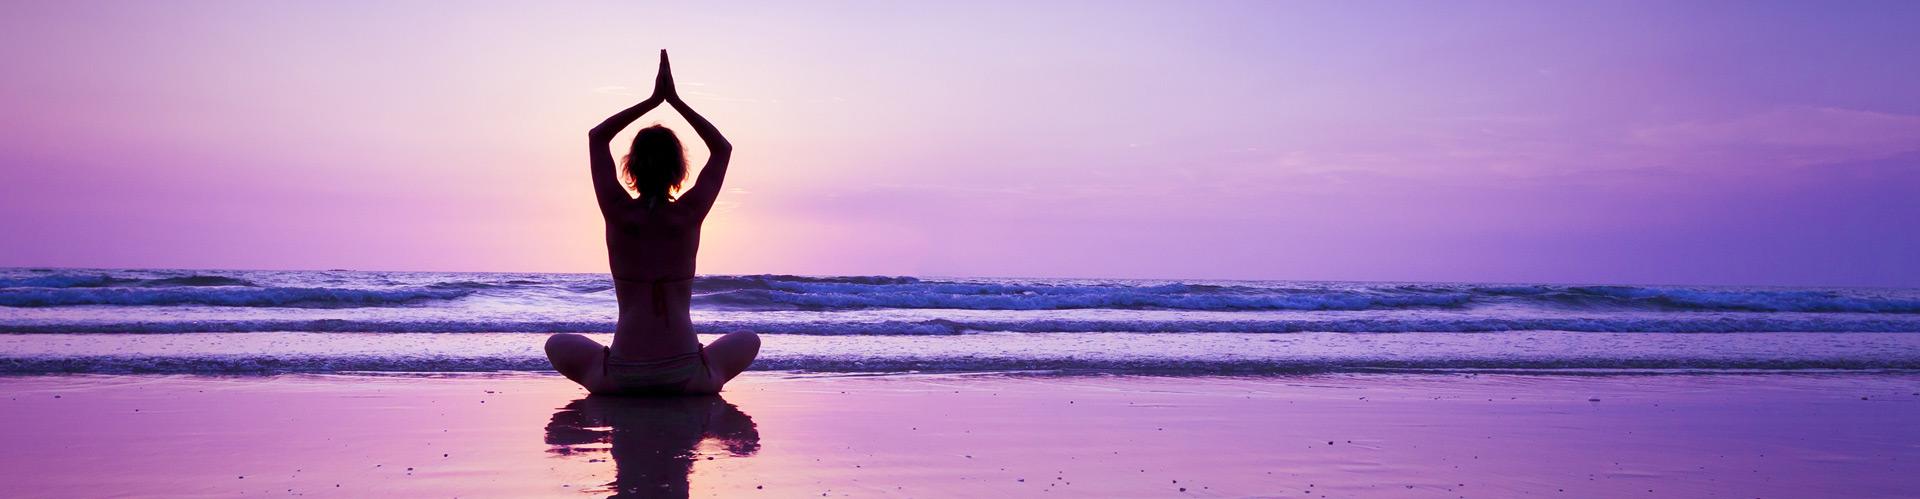 A woman doing yoga on the beach as dusk